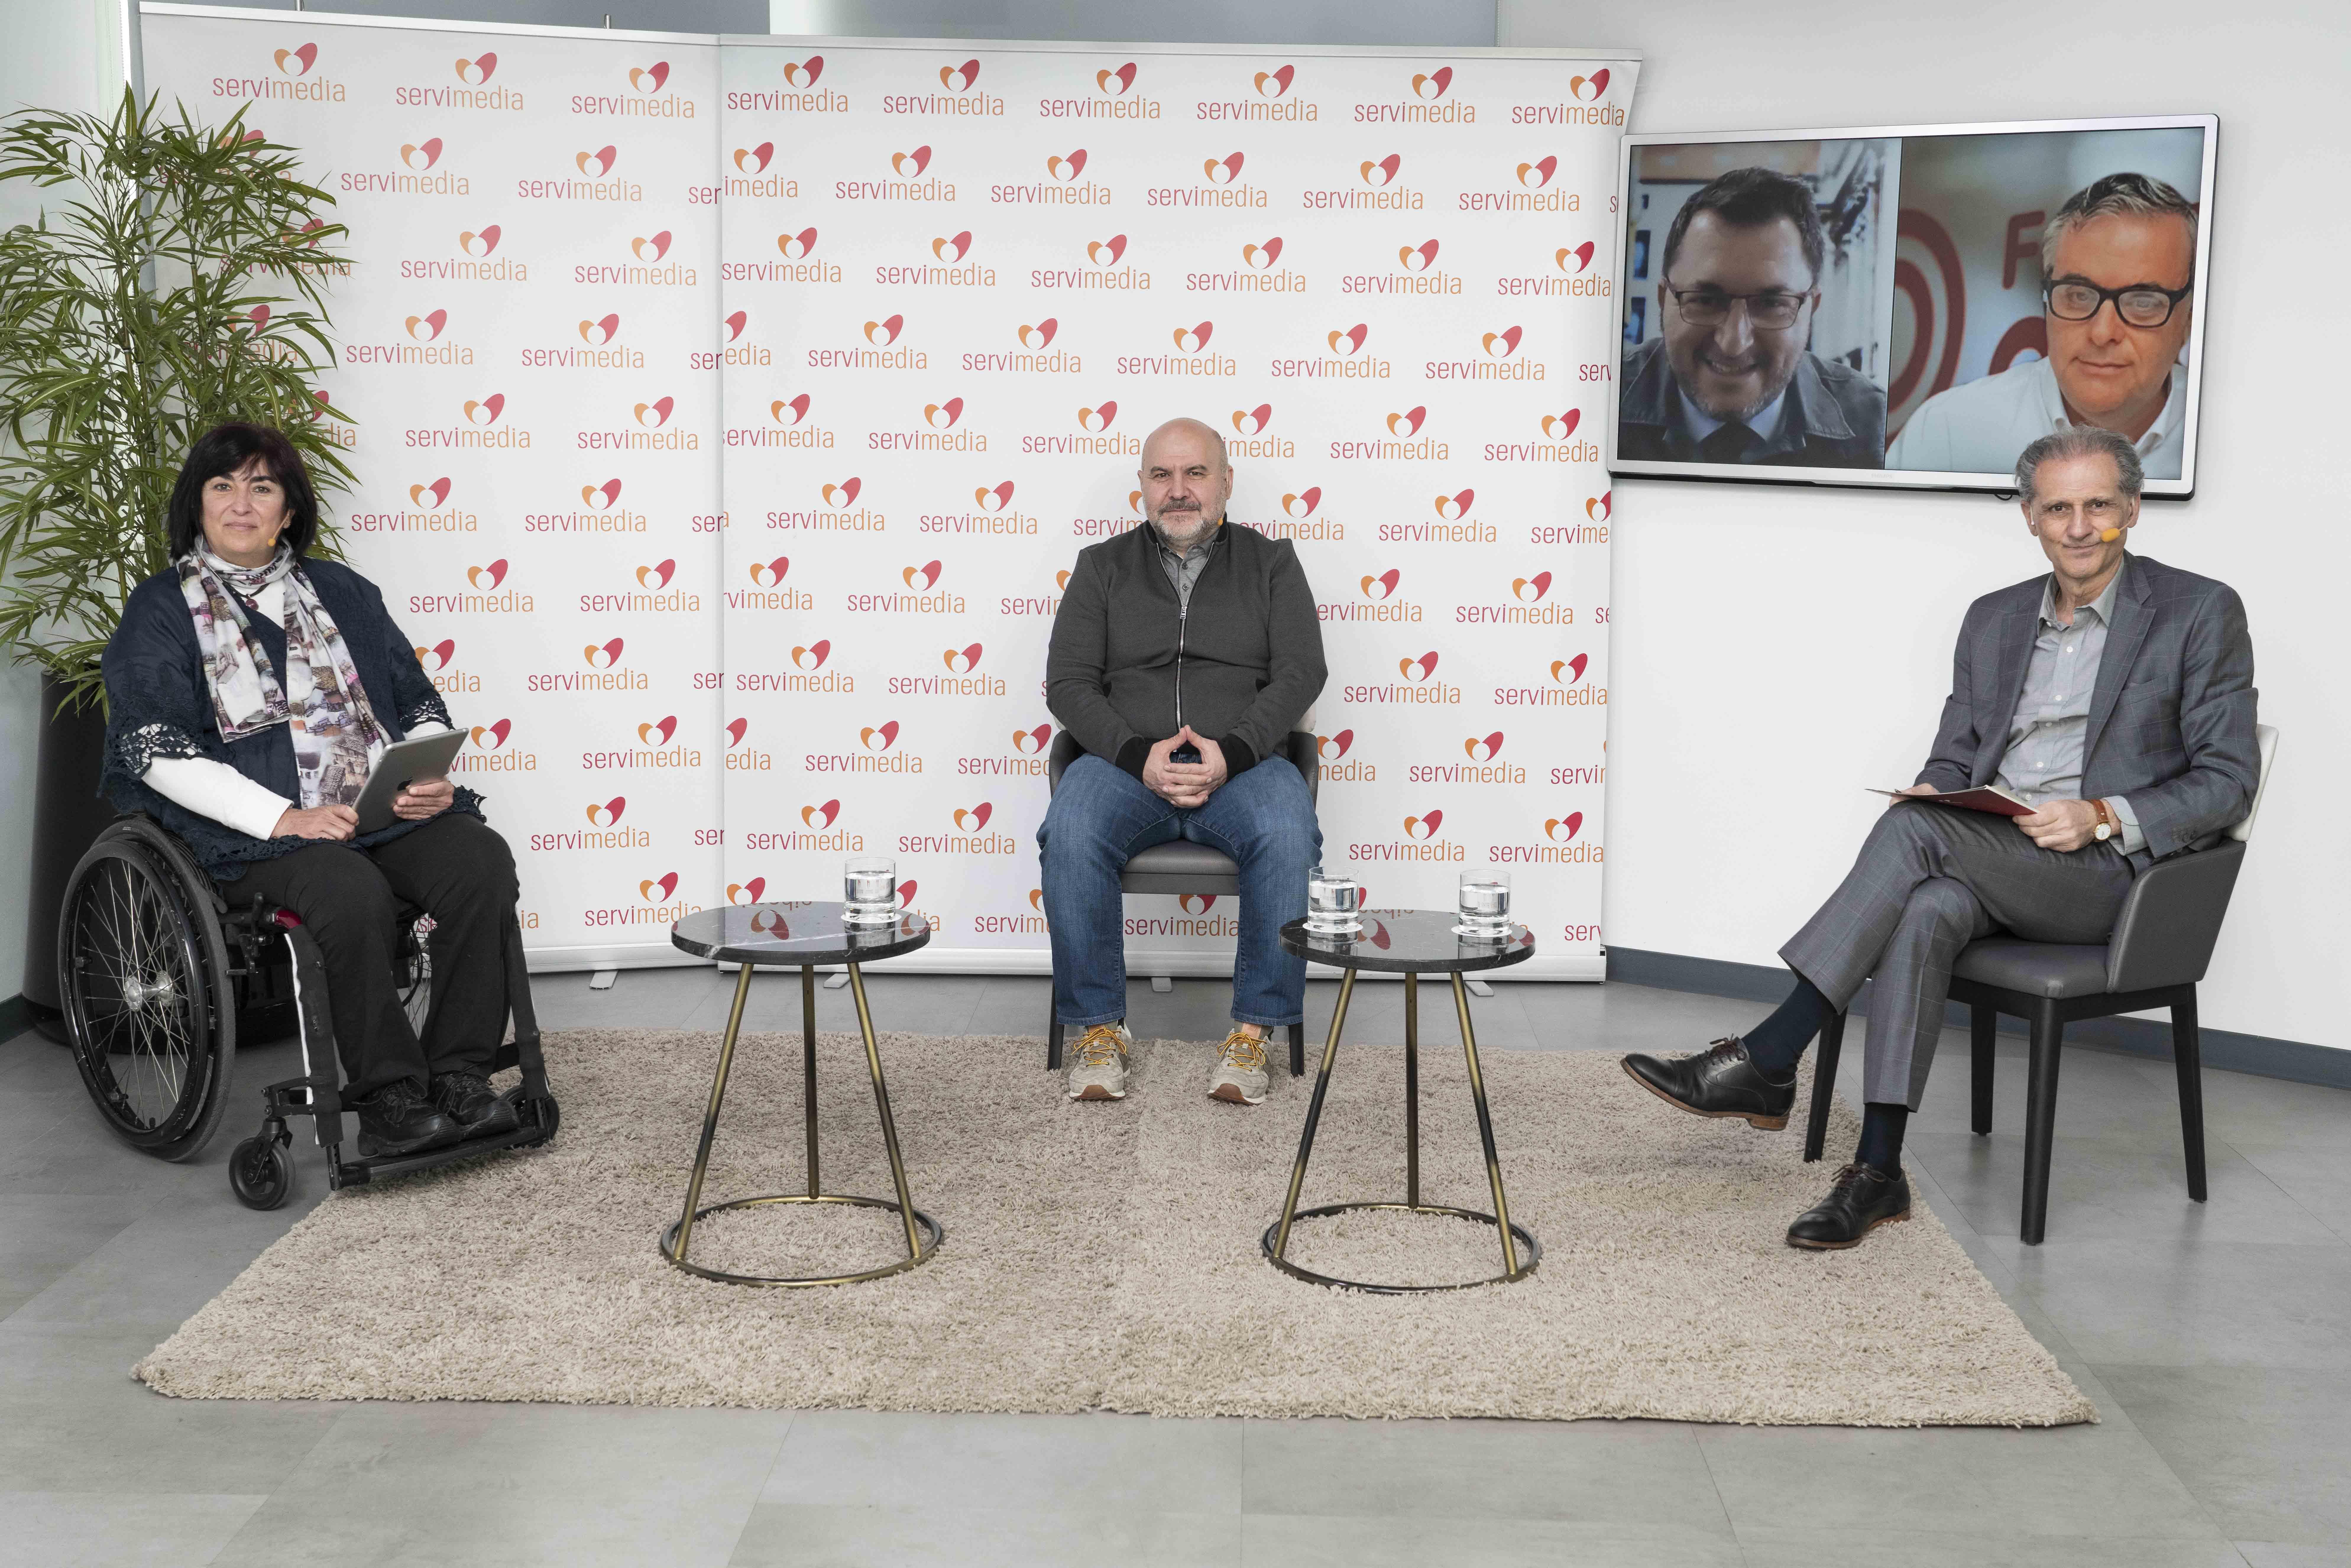 Los dirigentes de Predif, Cermi y Fundación ONCE, durante el diálogo en Servimedia | Foto: Jorge Villa